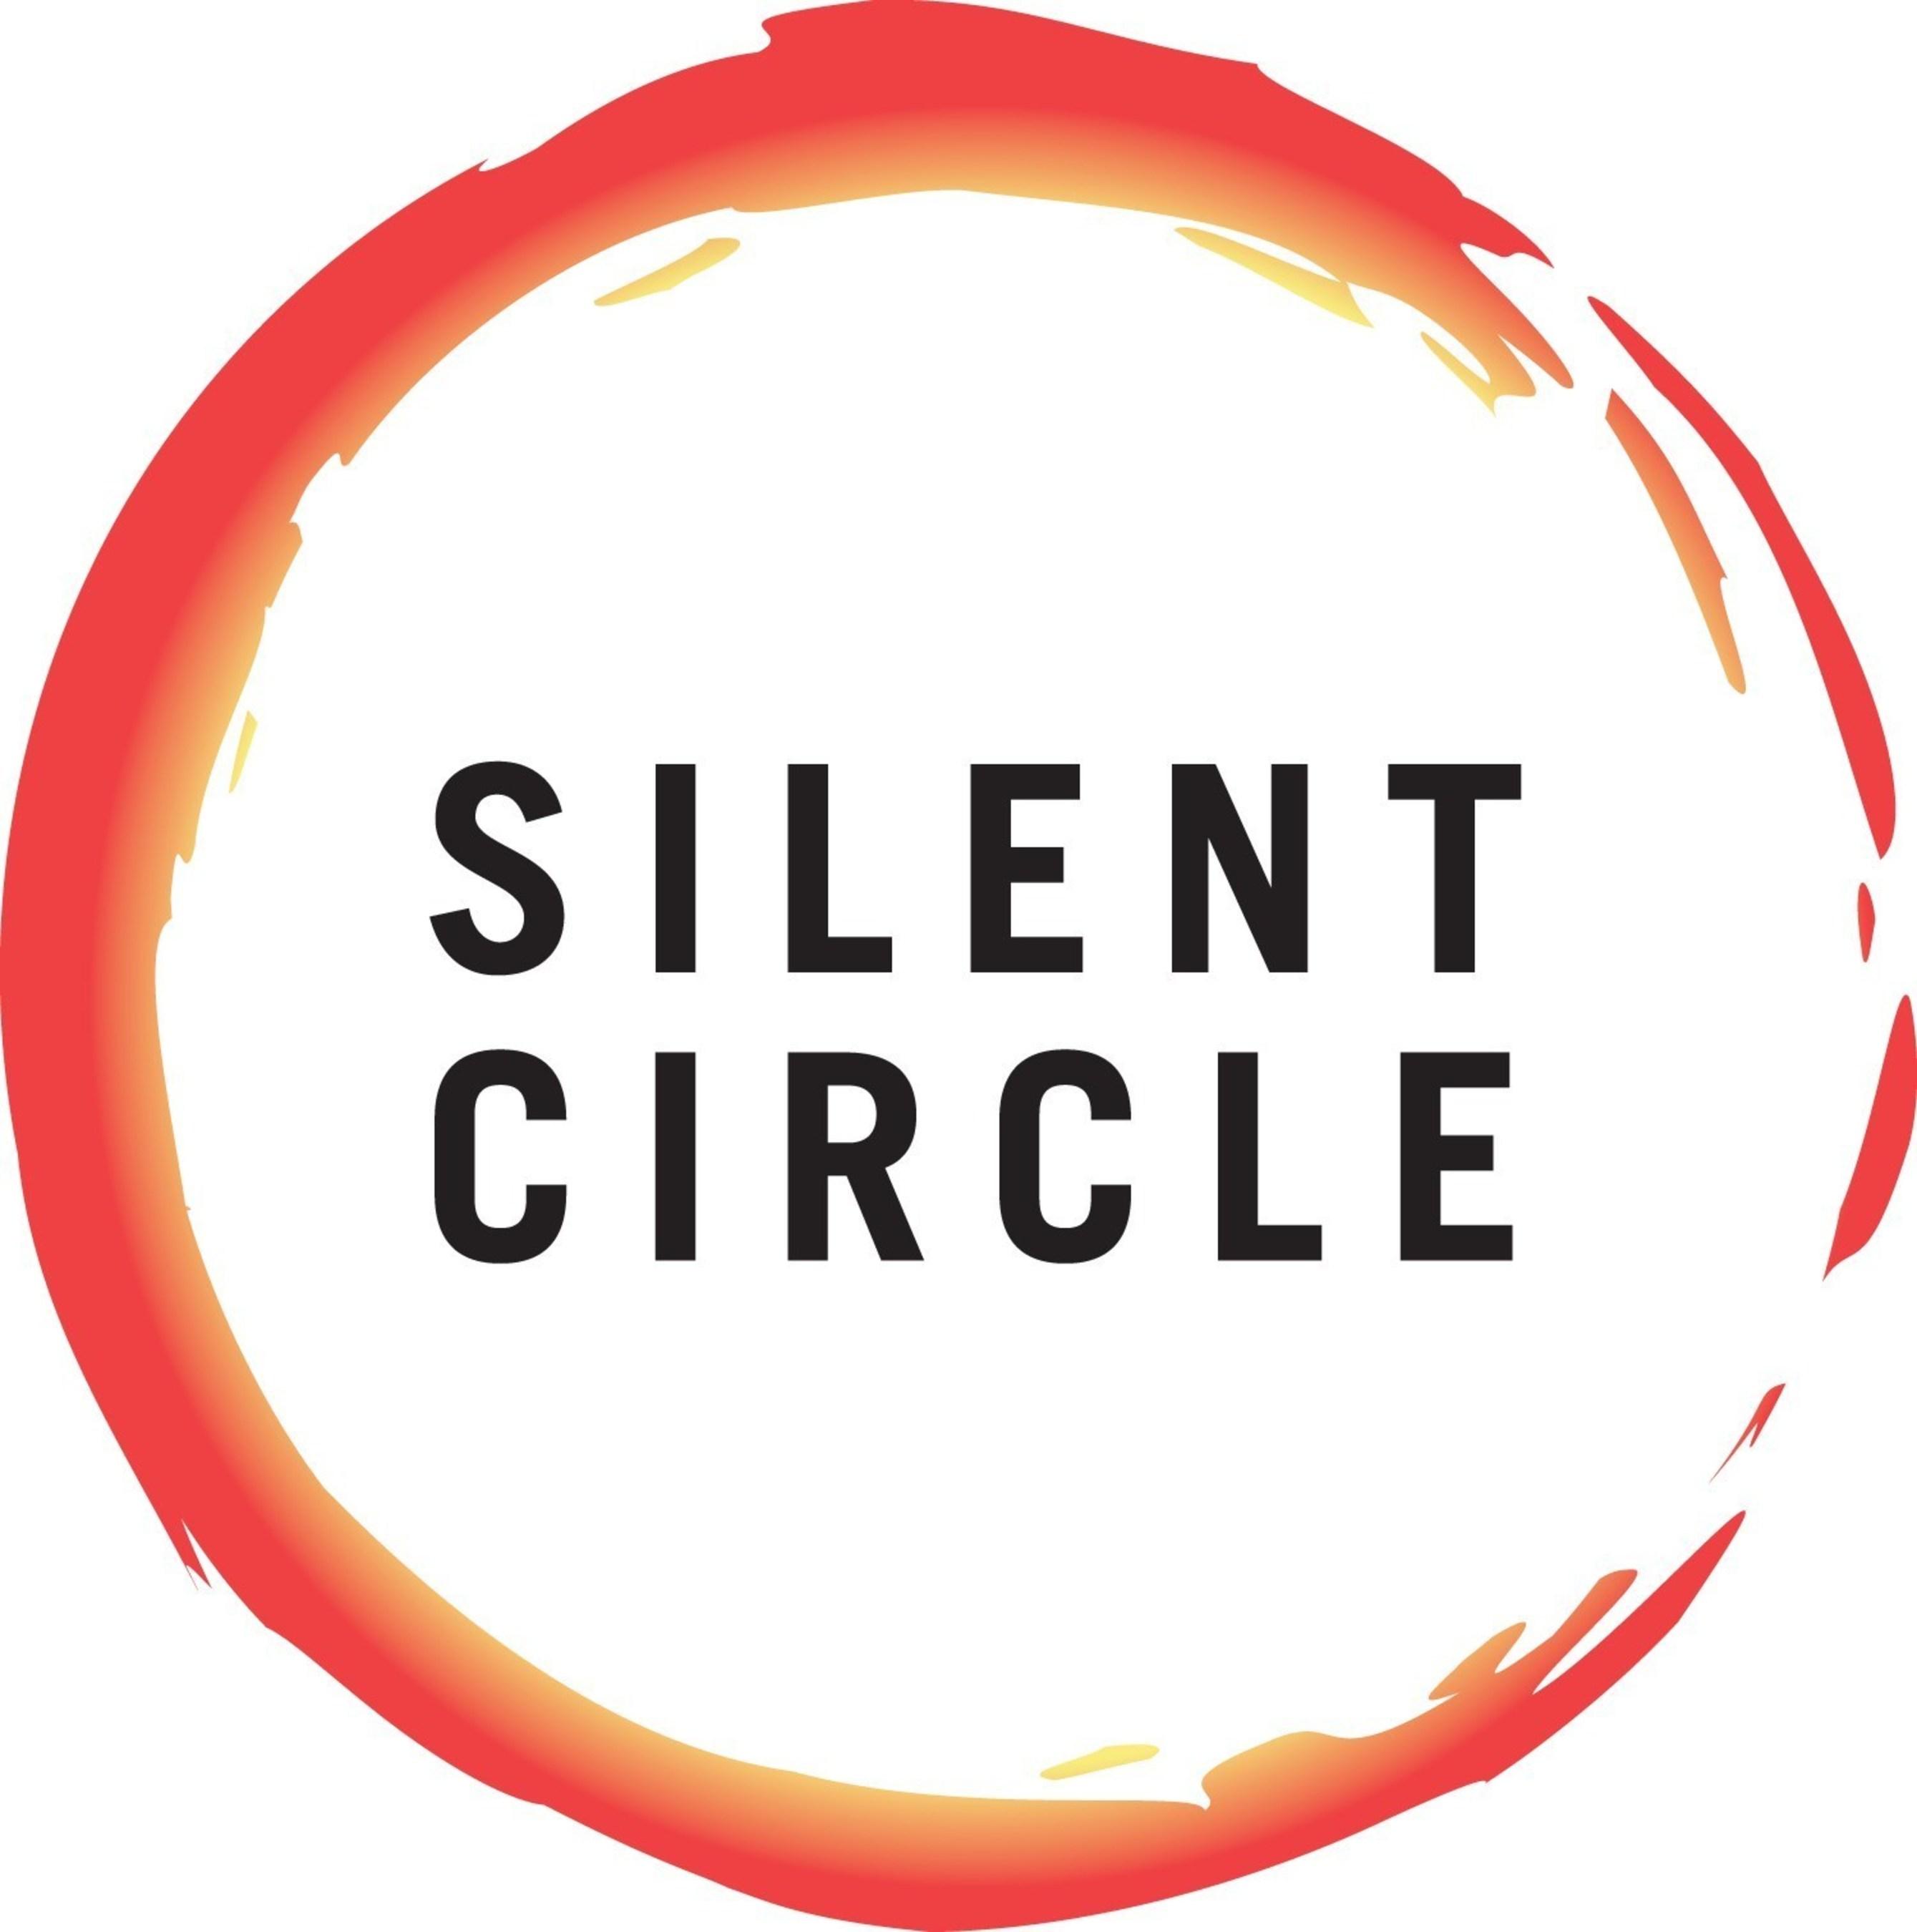 Silent Circle versterkt toppositie in mobiele markt voor grote ondernemingen